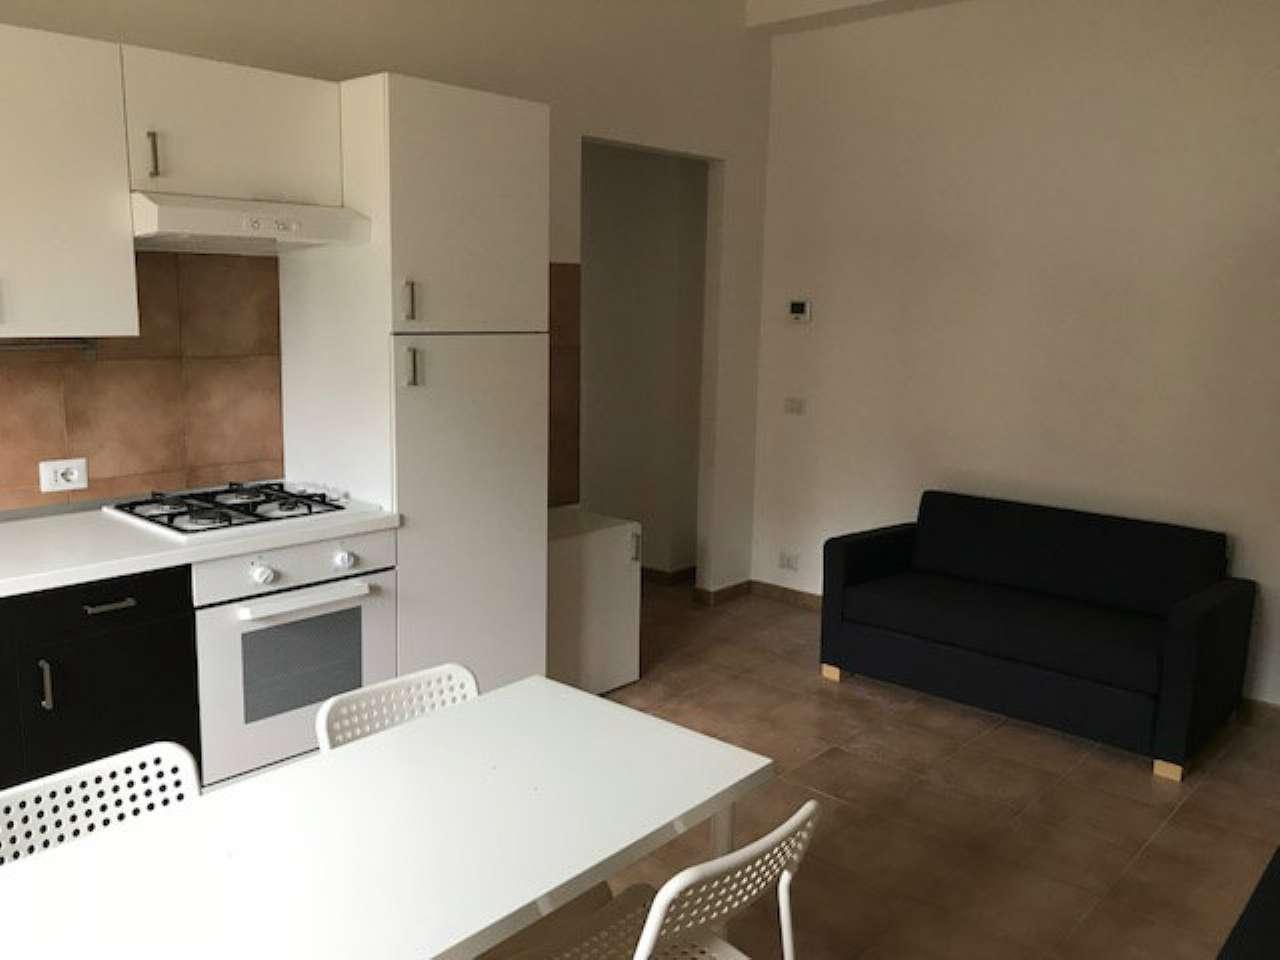 Appartamento in affitto a Legnano, 2 locali, prezzo € 550 | CambioCasa.it